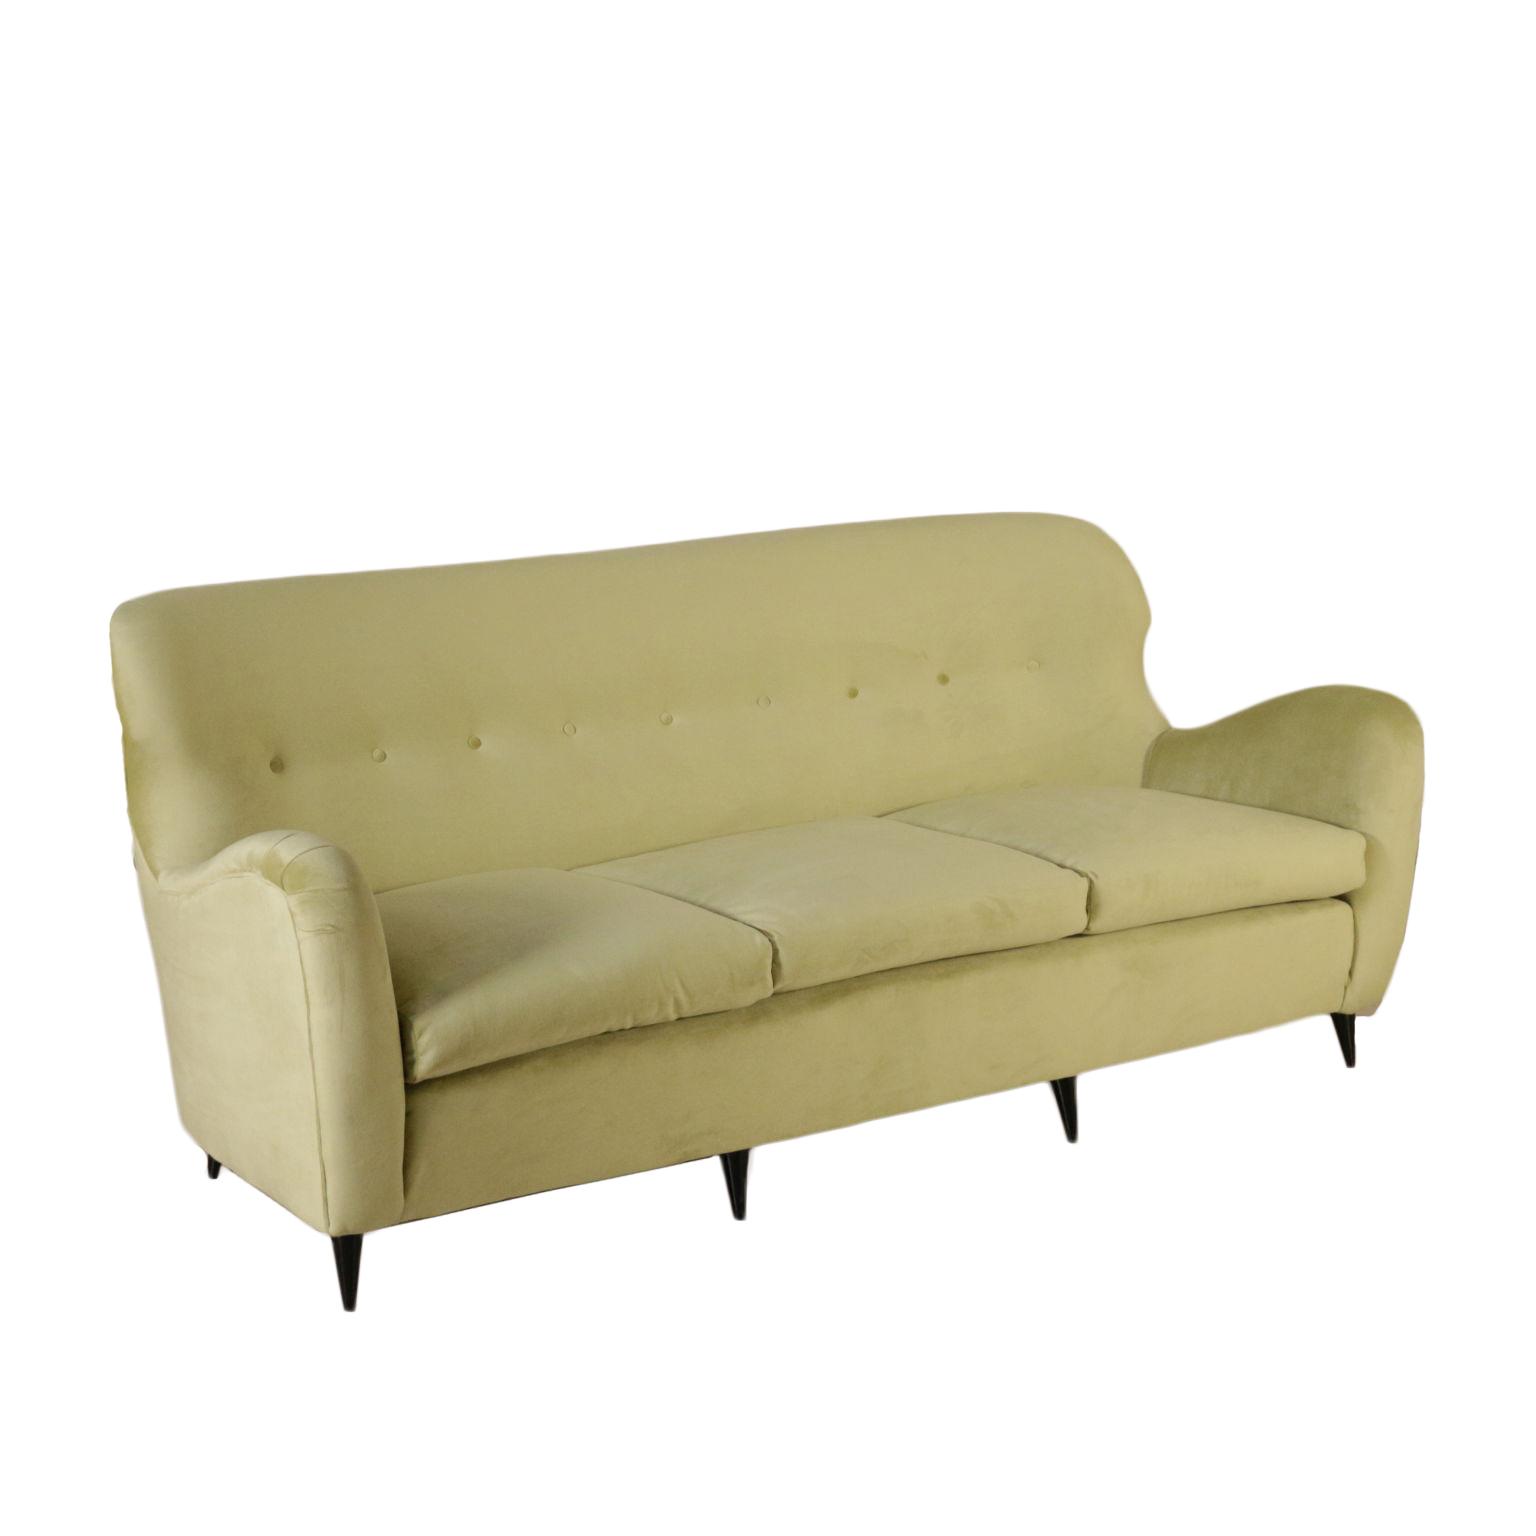 50er jahre sofa er jahre sofa schlafsofa vintage in everswinkel with 50er jahre sofa beautiful. Black Bedroom Furniture Sets. Home Design Ideas